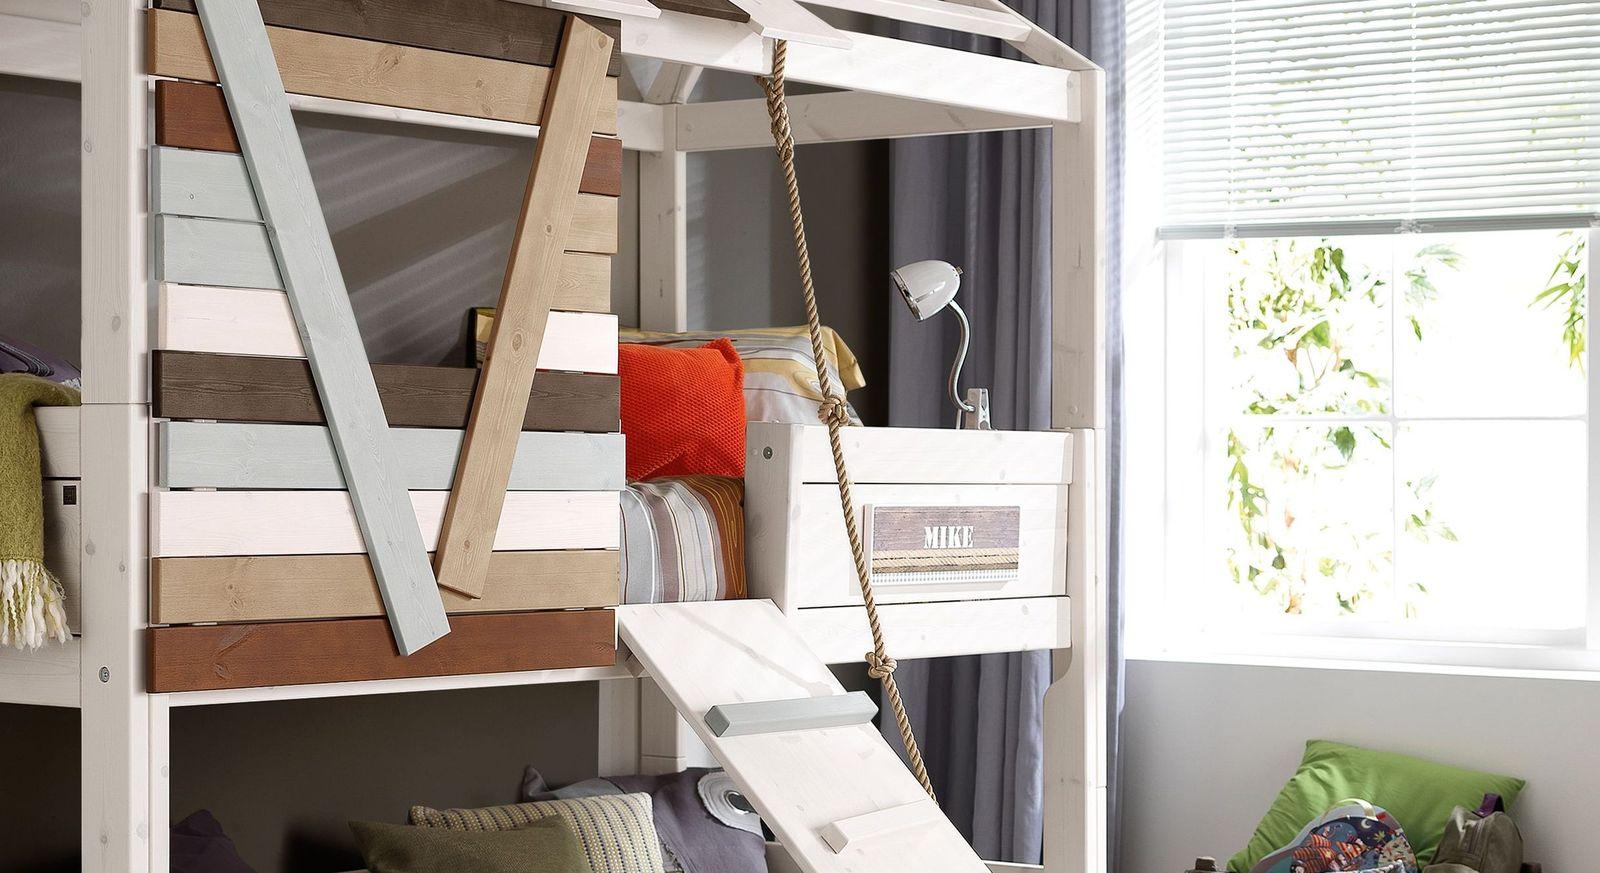 LIFETIME Hütten-Hochbett Survival mit sicherem Einstieg